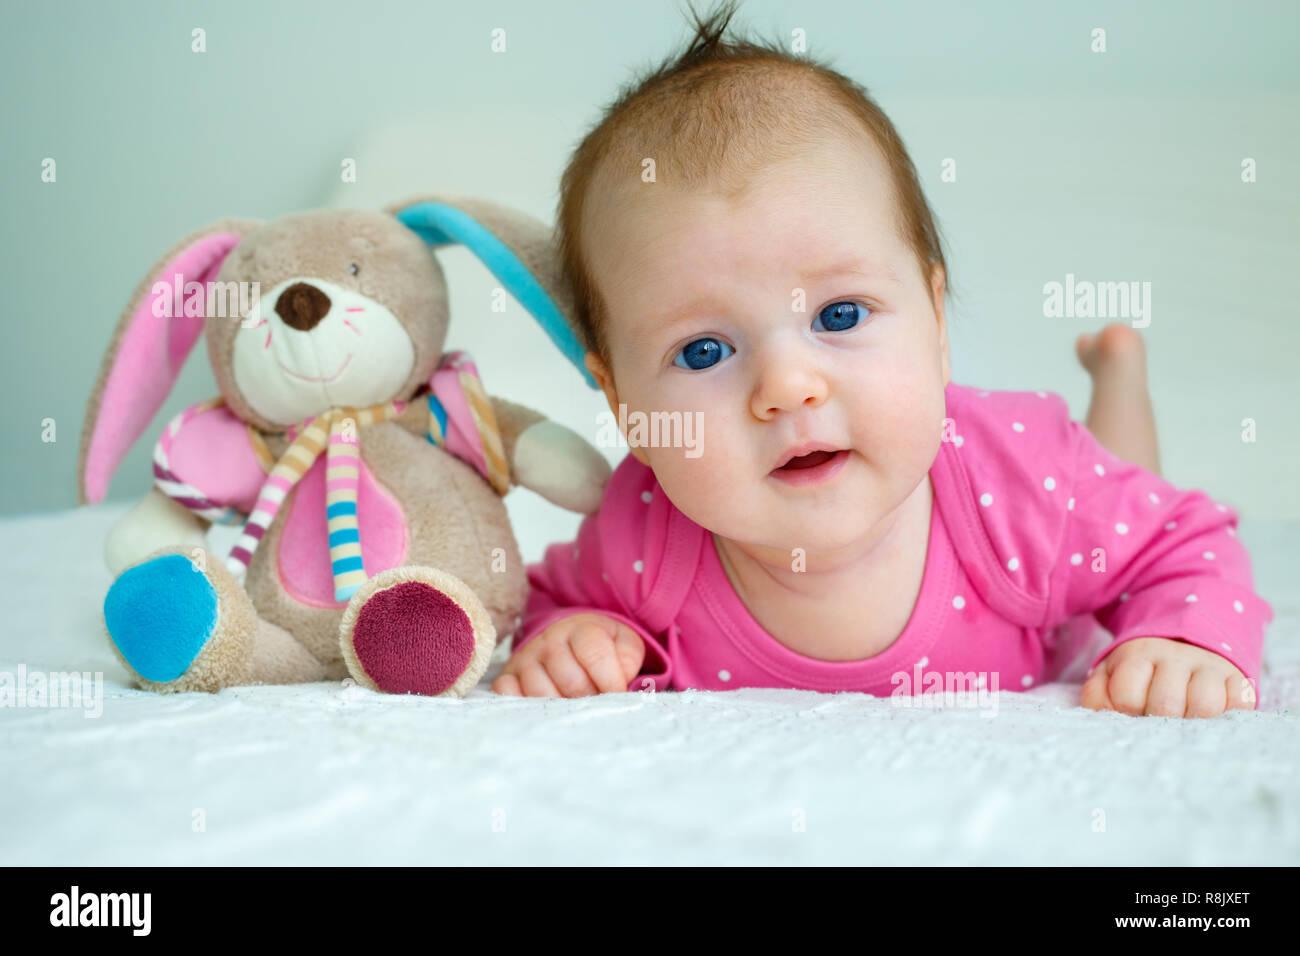 Retrato de un lindo bebé niña acostada sobre su estómago Imagen De Stock 852d87f5150